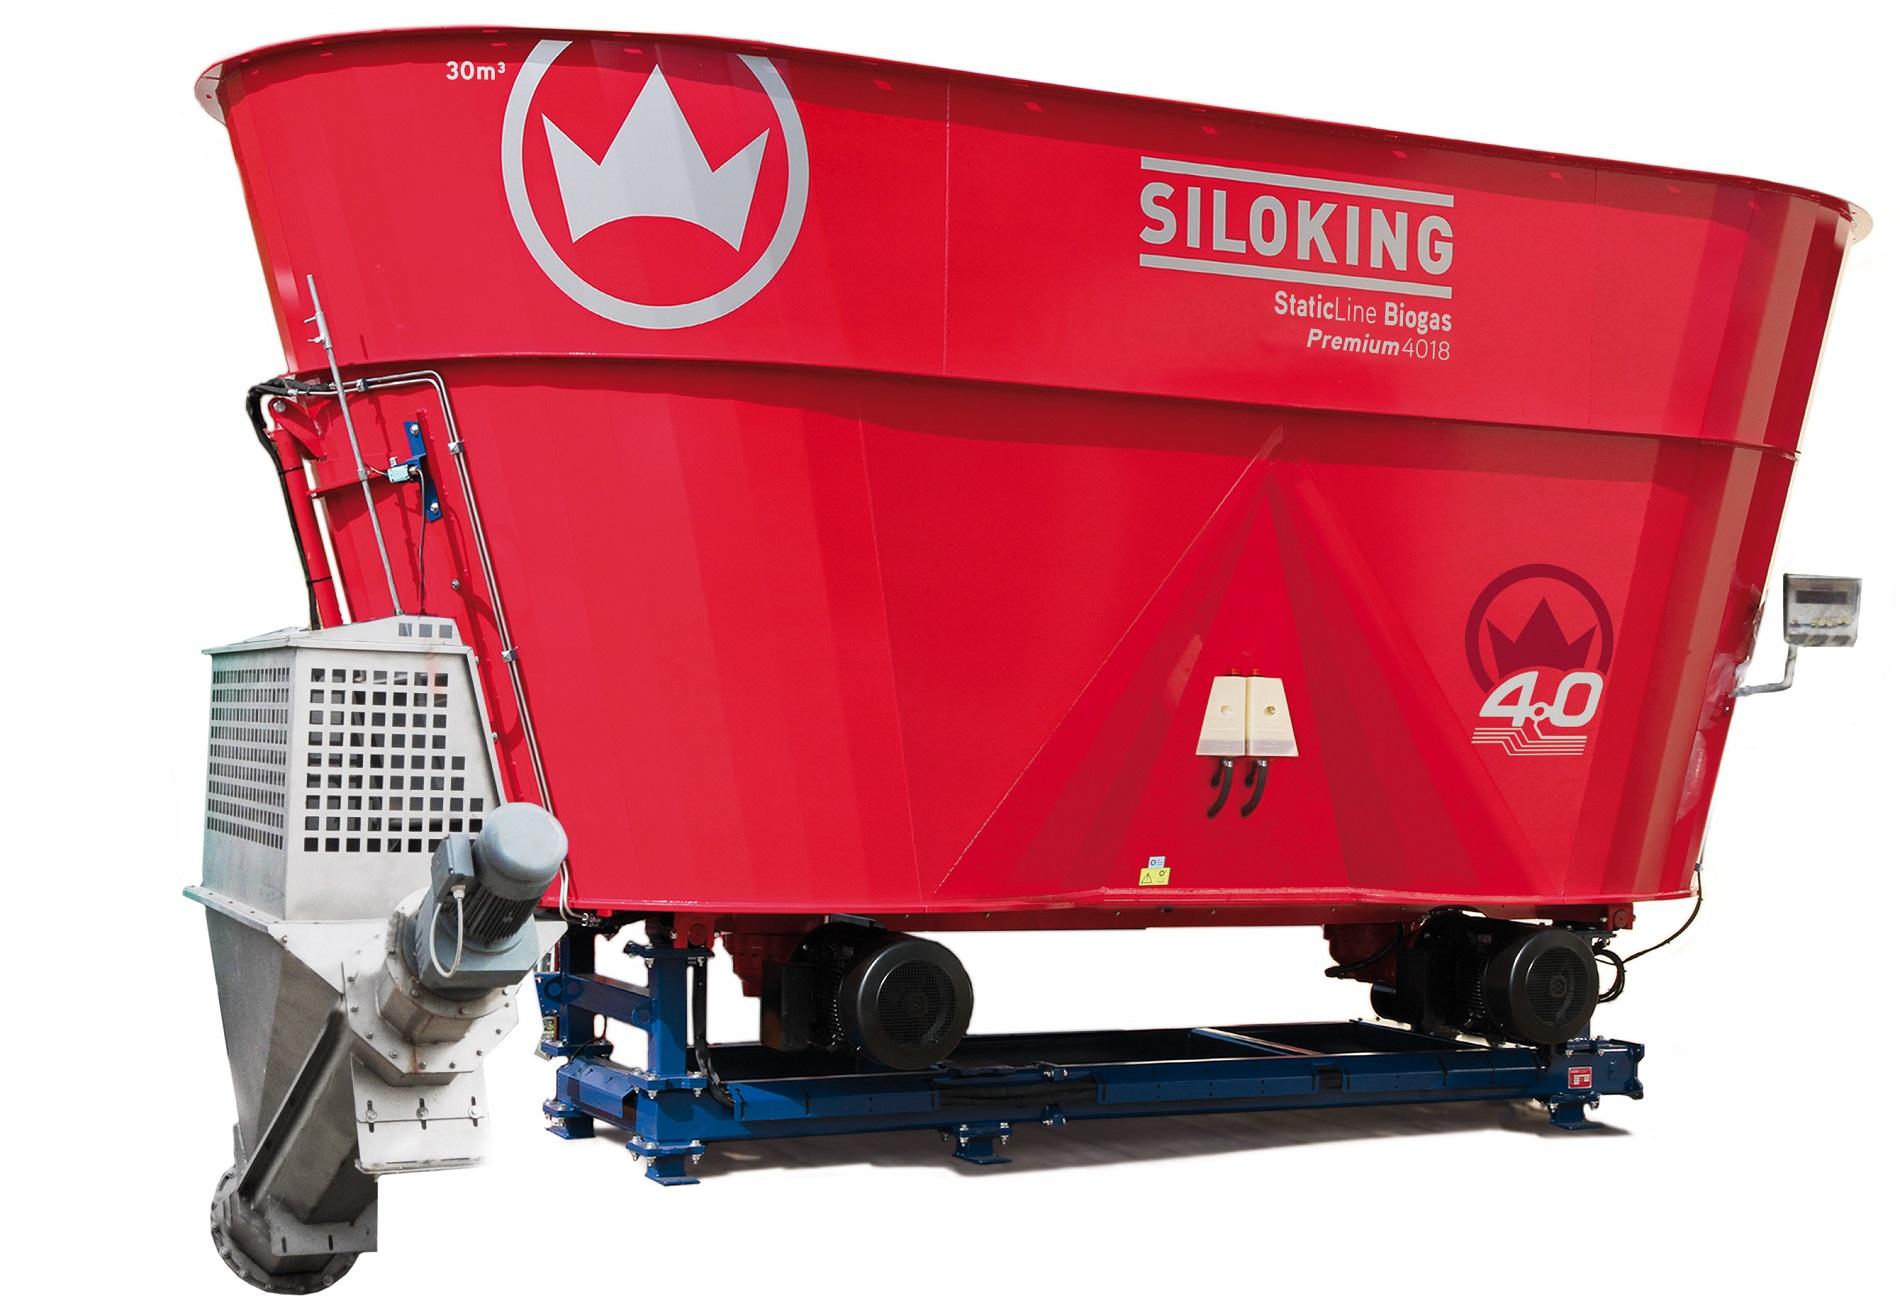 SILOKING StaticLine 4.0 Biogas 1